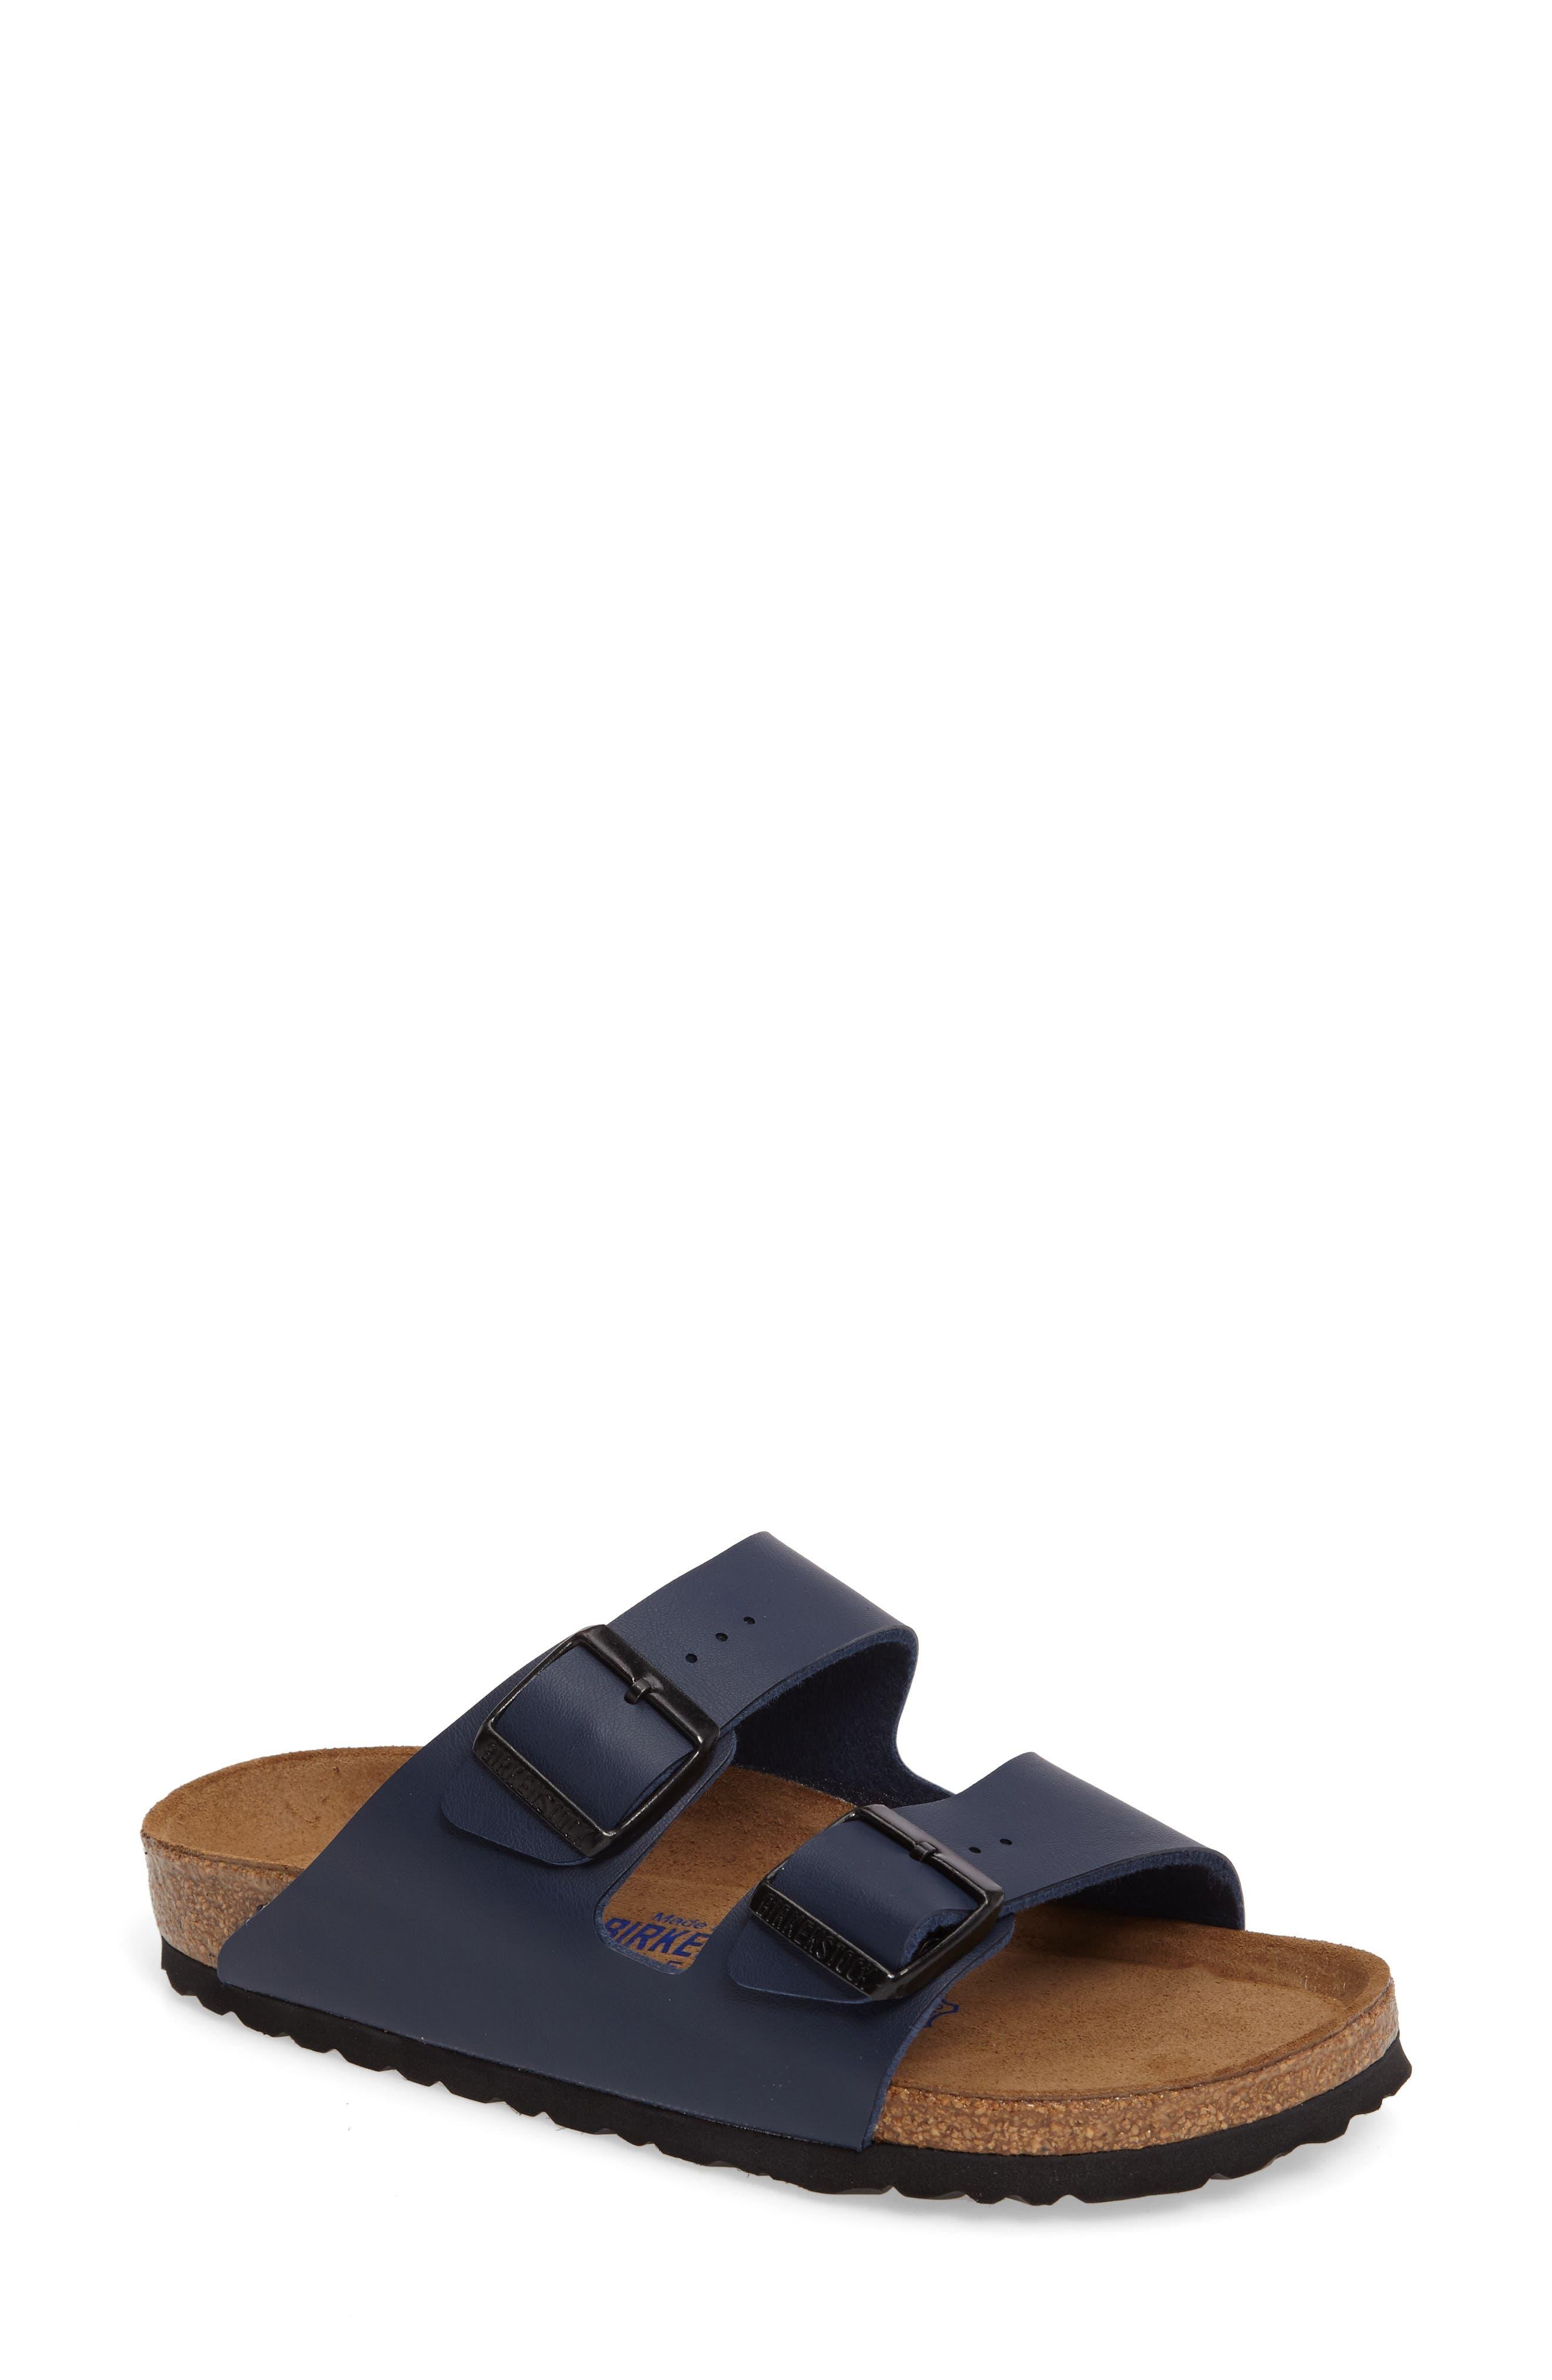 Birkenstock Arizona Soft Footbed Sandal, Blue